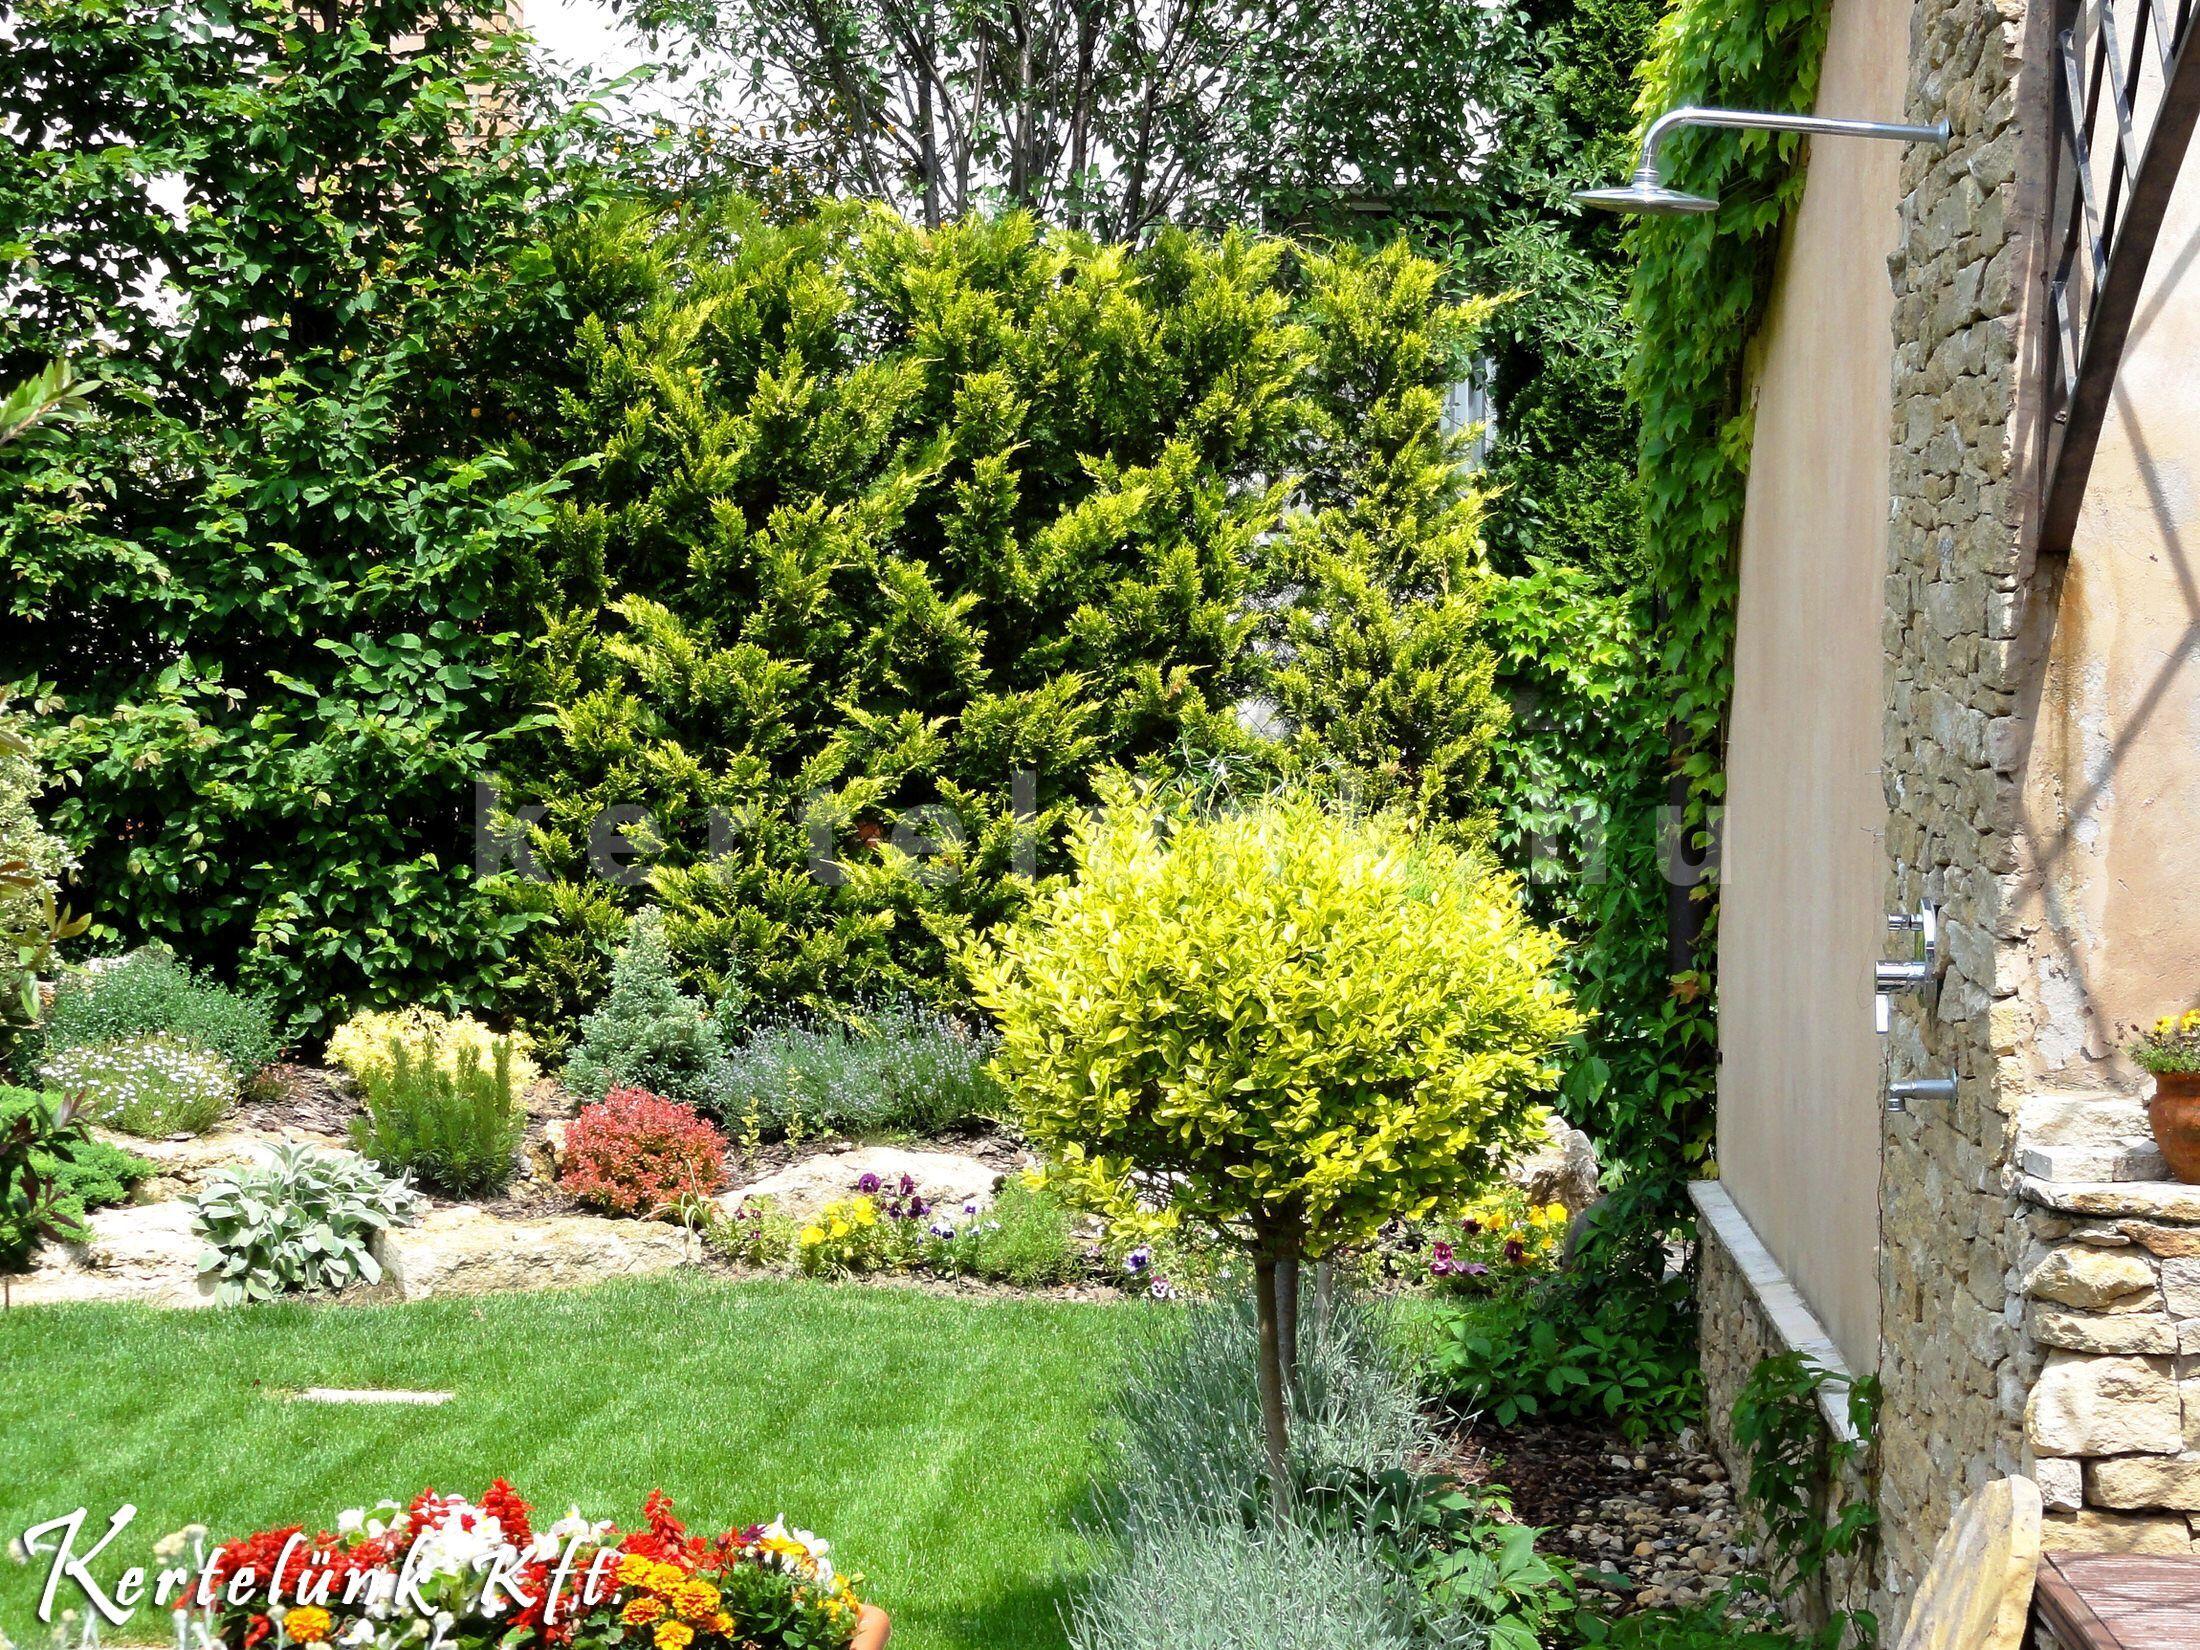 Részlet a mediterrán stílusú kertből.